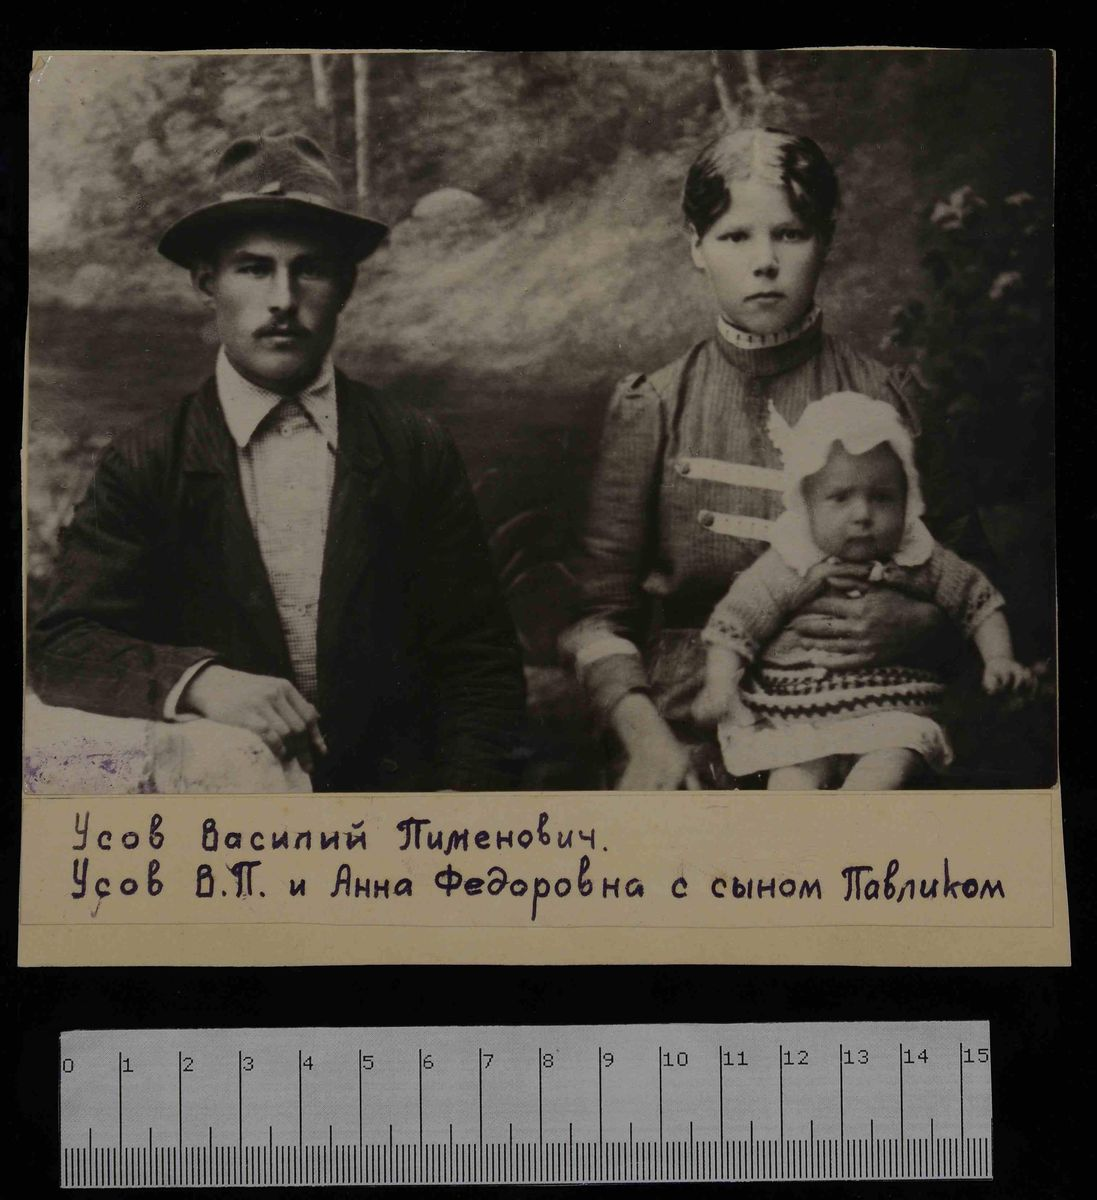 АОКМ КП-5014-21п Семейные фотографии